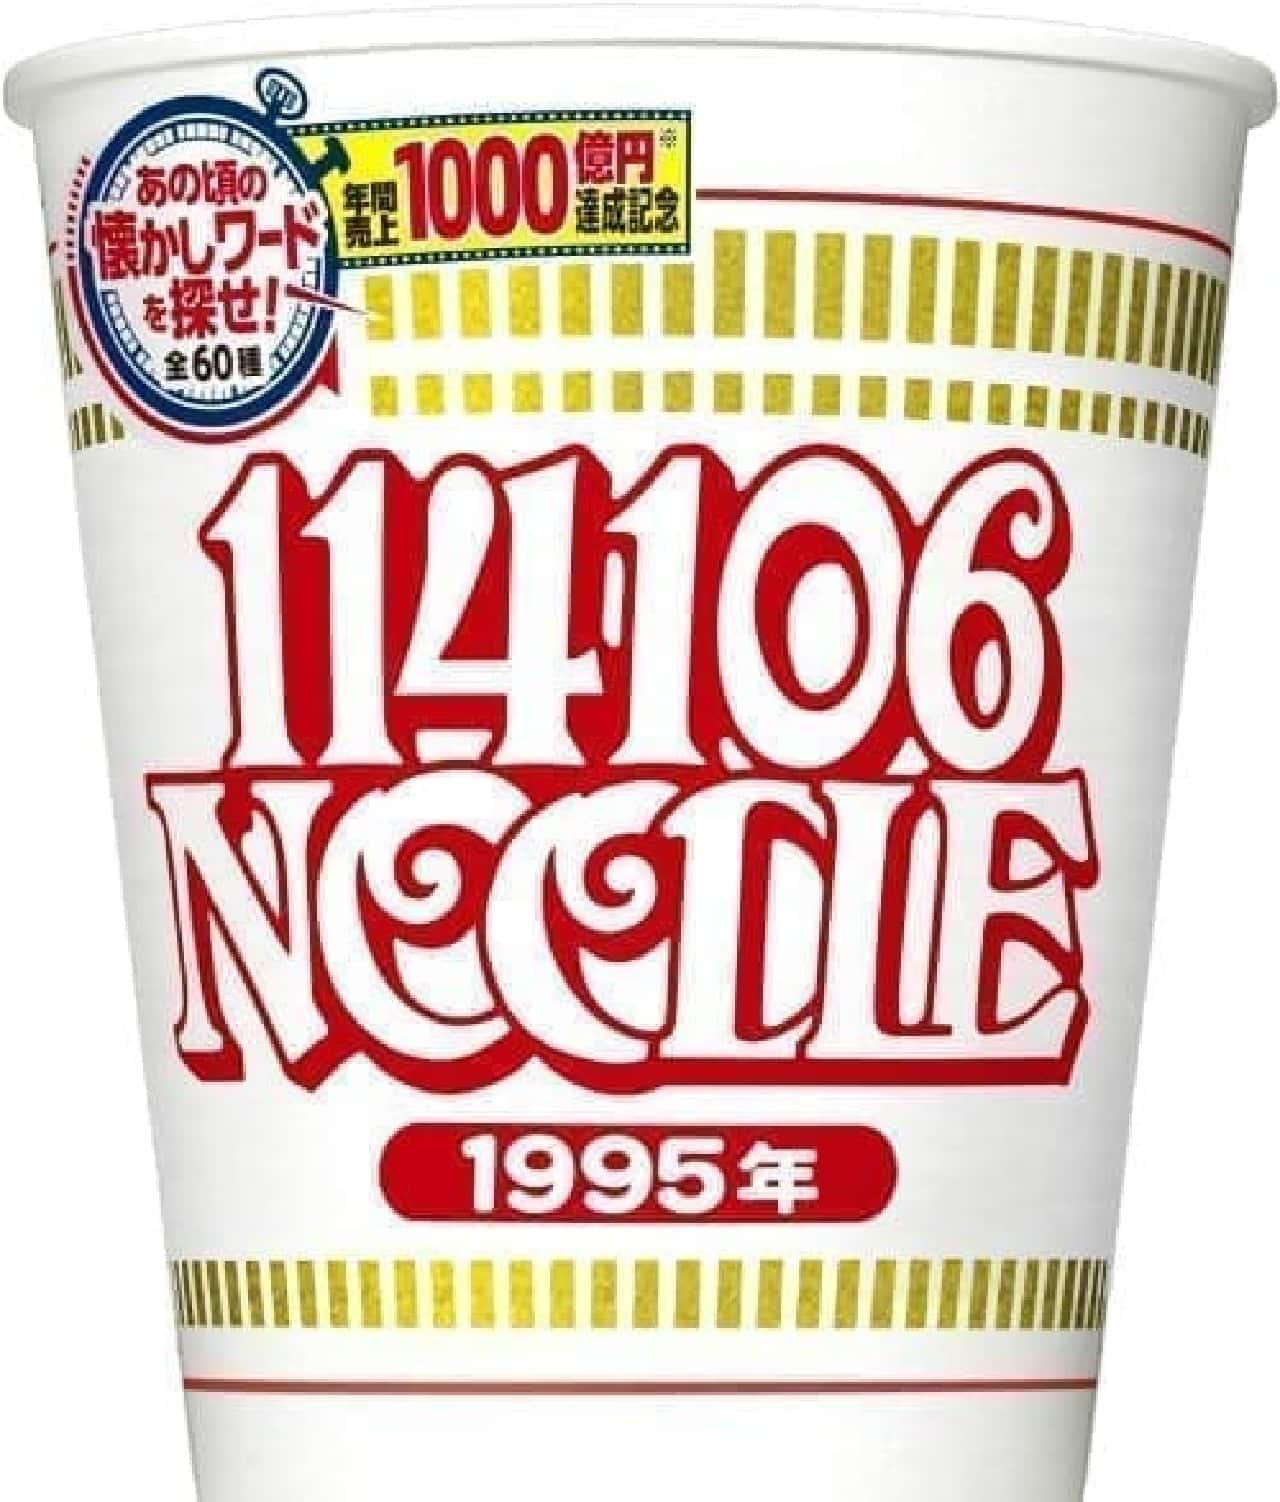 カップヌードル 1000億円記念パッケージ